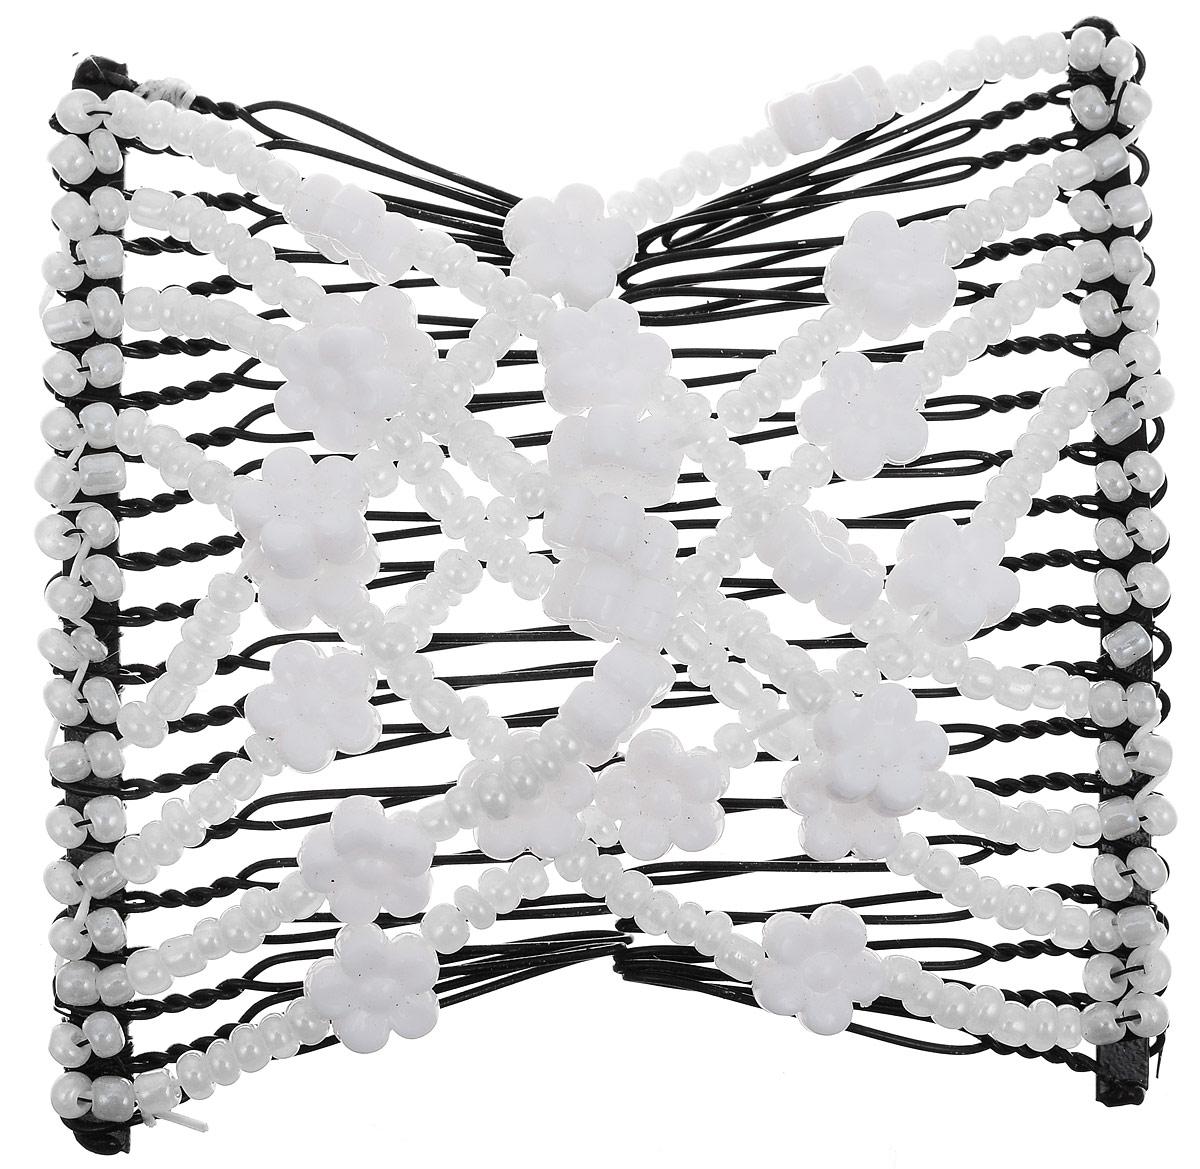 EZ-Combs Заколка Изи-Комбс, одинарная, цвет: белый, черный. ЗИО_цветочкиЗИО_цветочкиУдобная и практичная EZ-Combs подходит для любого типа волос: тонких, жестких, вьющихся или прямых, и не наносит им никакого вреда. Заколка не мешает движениям головы и не создает дискомфорта, когда вы отдыхаете или управляете автомобилем. Каждый гребень имеет по 20 зубьев для надежной фиксации заколки на волосах! И даже во время бега и интенсивных тренировок в спортзале EZ-Combs не падает; она прочно фиксирует прическу, сохраняя укладку в первозданном виде.Небольшая и легкая заколка для волос EZ-Combs поместится в любой дамской сумочке, позволяя быстро и без особых усилий создавать неповторимые прически там, где вам это удобно. Гребень прекрасно сочетается с любой одеждой: будь это классический или спортивный стиль, завершая гармоничный облик современной леди. И неважно, какой образ жизни вы ведете, если у вас есть EZ-Combs, вы всегда будете выглядеть потрясающе.